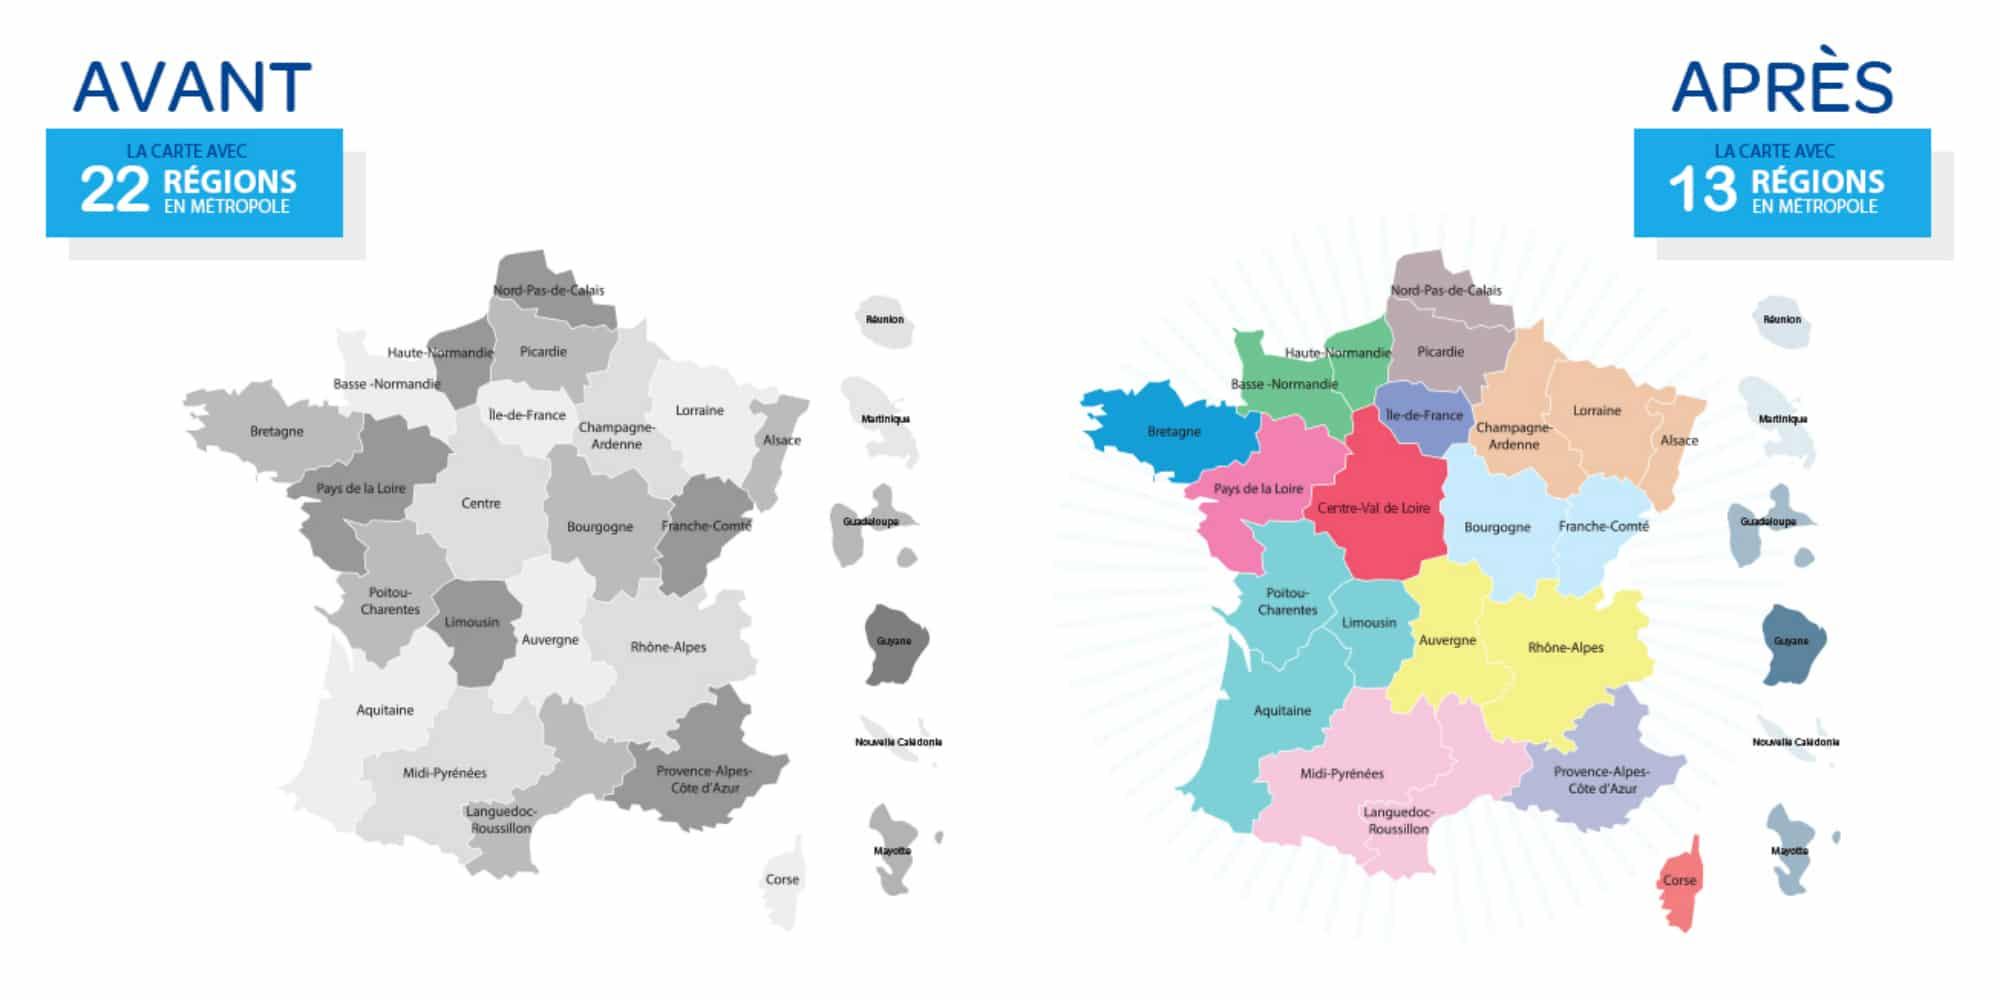 nouvelles regions francaises - Image